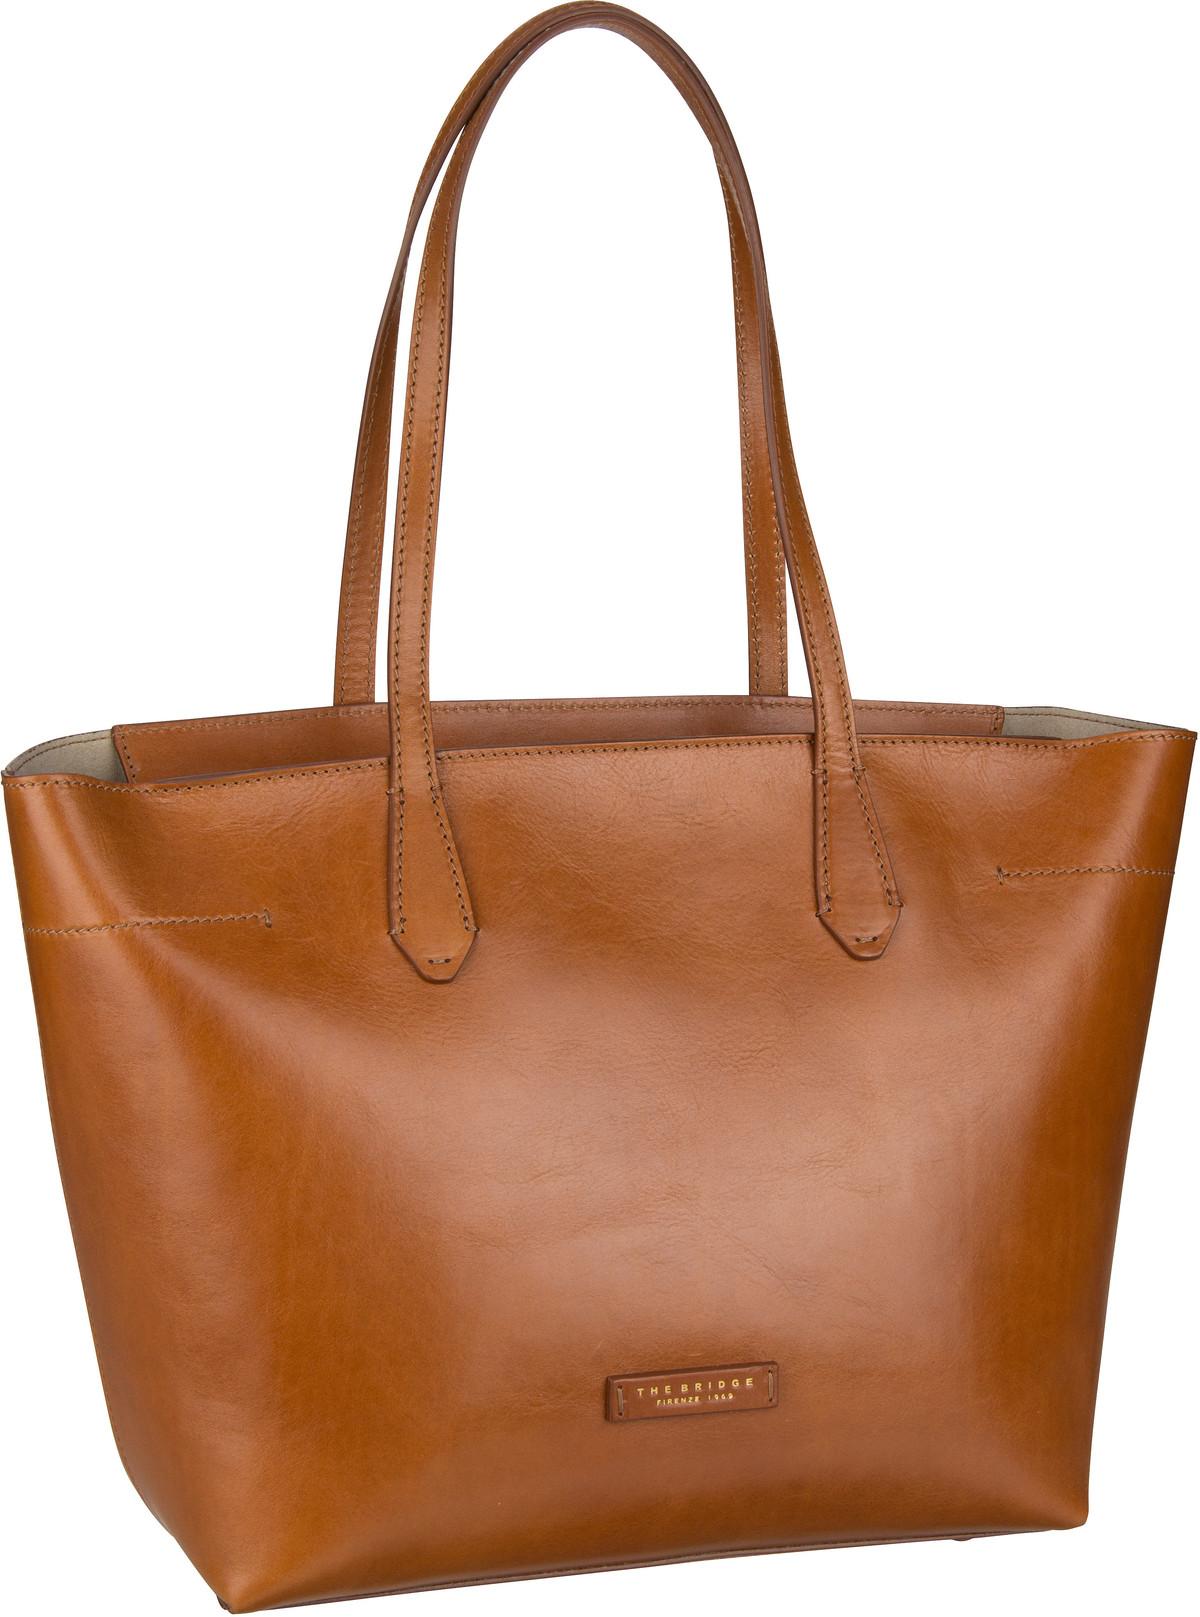 Handtasche Guelfa 3620 Cognac/Oro